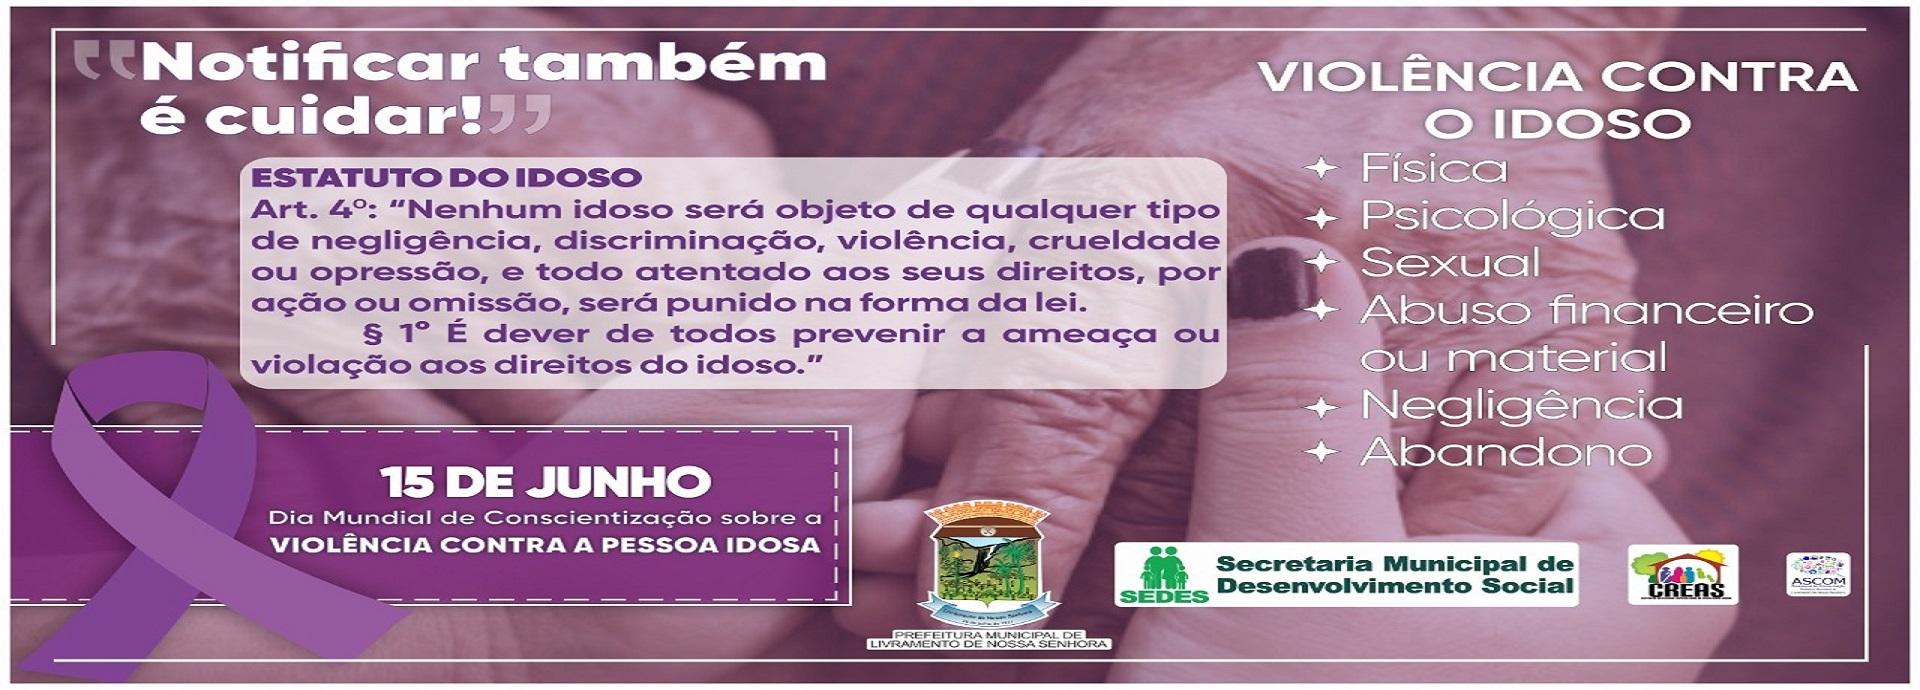 DIA MUNDIAL DE CONSCIENTIZAÇÃO SOBRE A VIOLÊNCIA CONTRA A PESSOA IDOSA